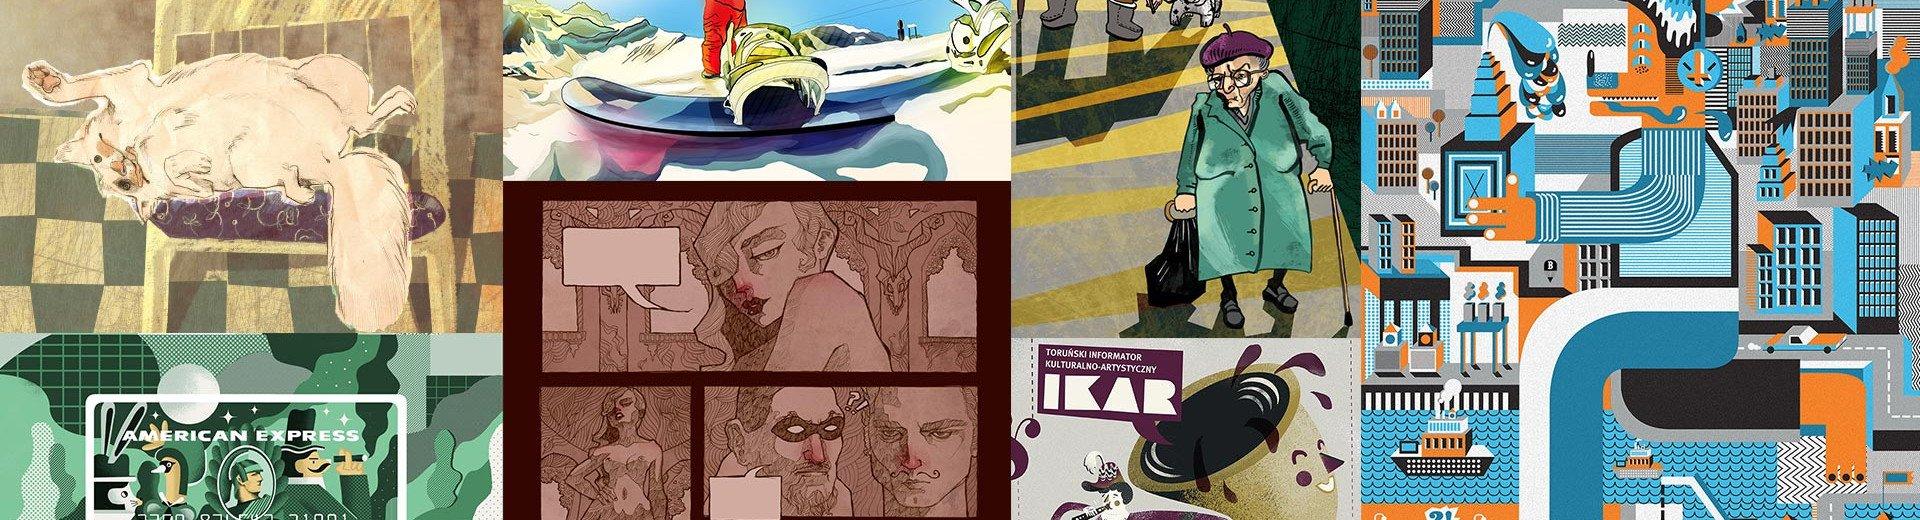 Okładka artykułu Tak zaczynali! Pierwsze projekty popularnych ilustratorów — Podkościelny, Bogucka, Gąska, Dymek, Banach